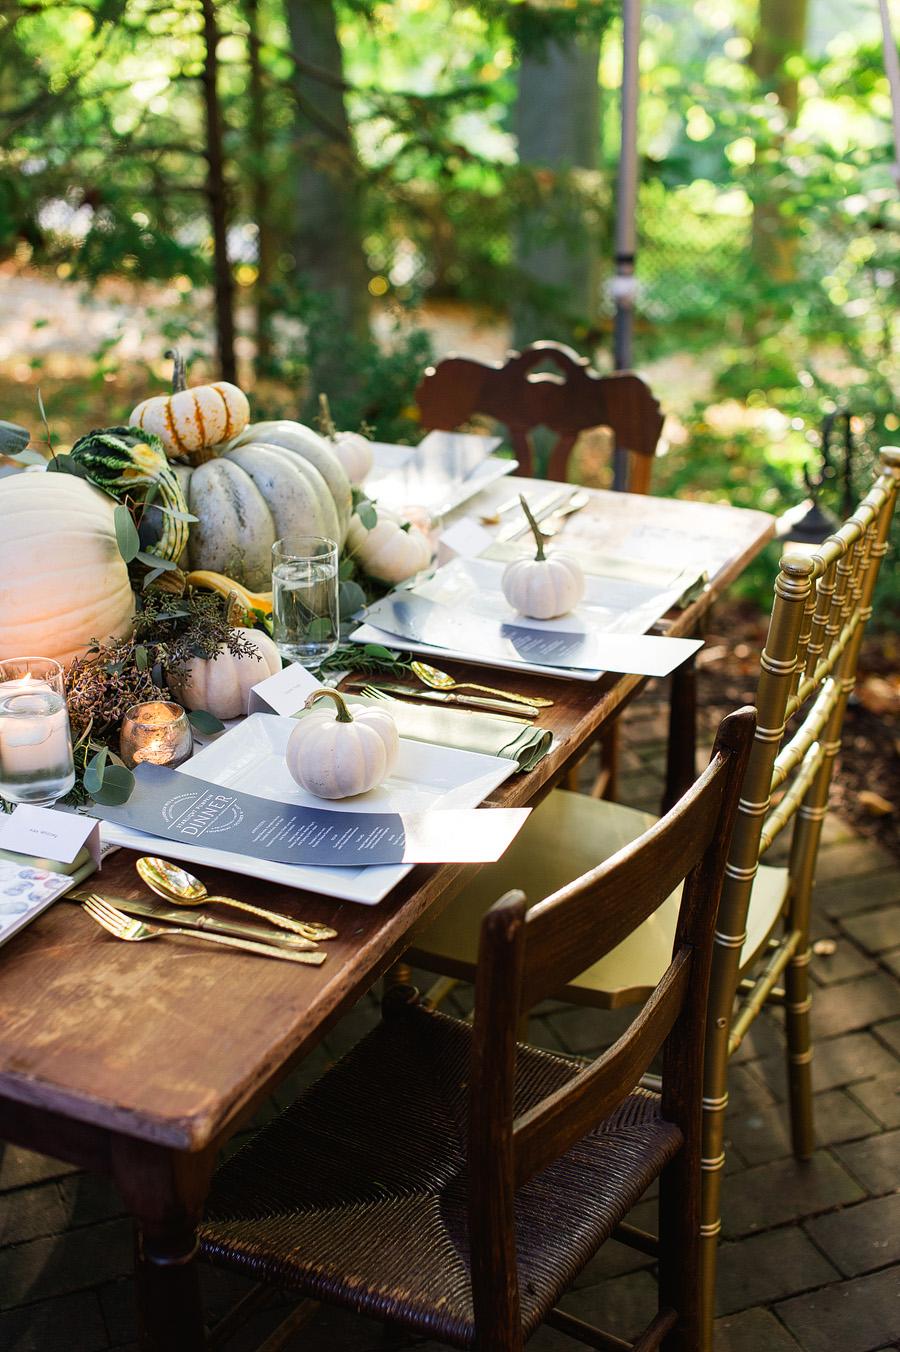 West-Chester-PA-Faunbrook-Harvest-Dinner-Series-Pumpkin-AlexandraWhitney-17.jpg